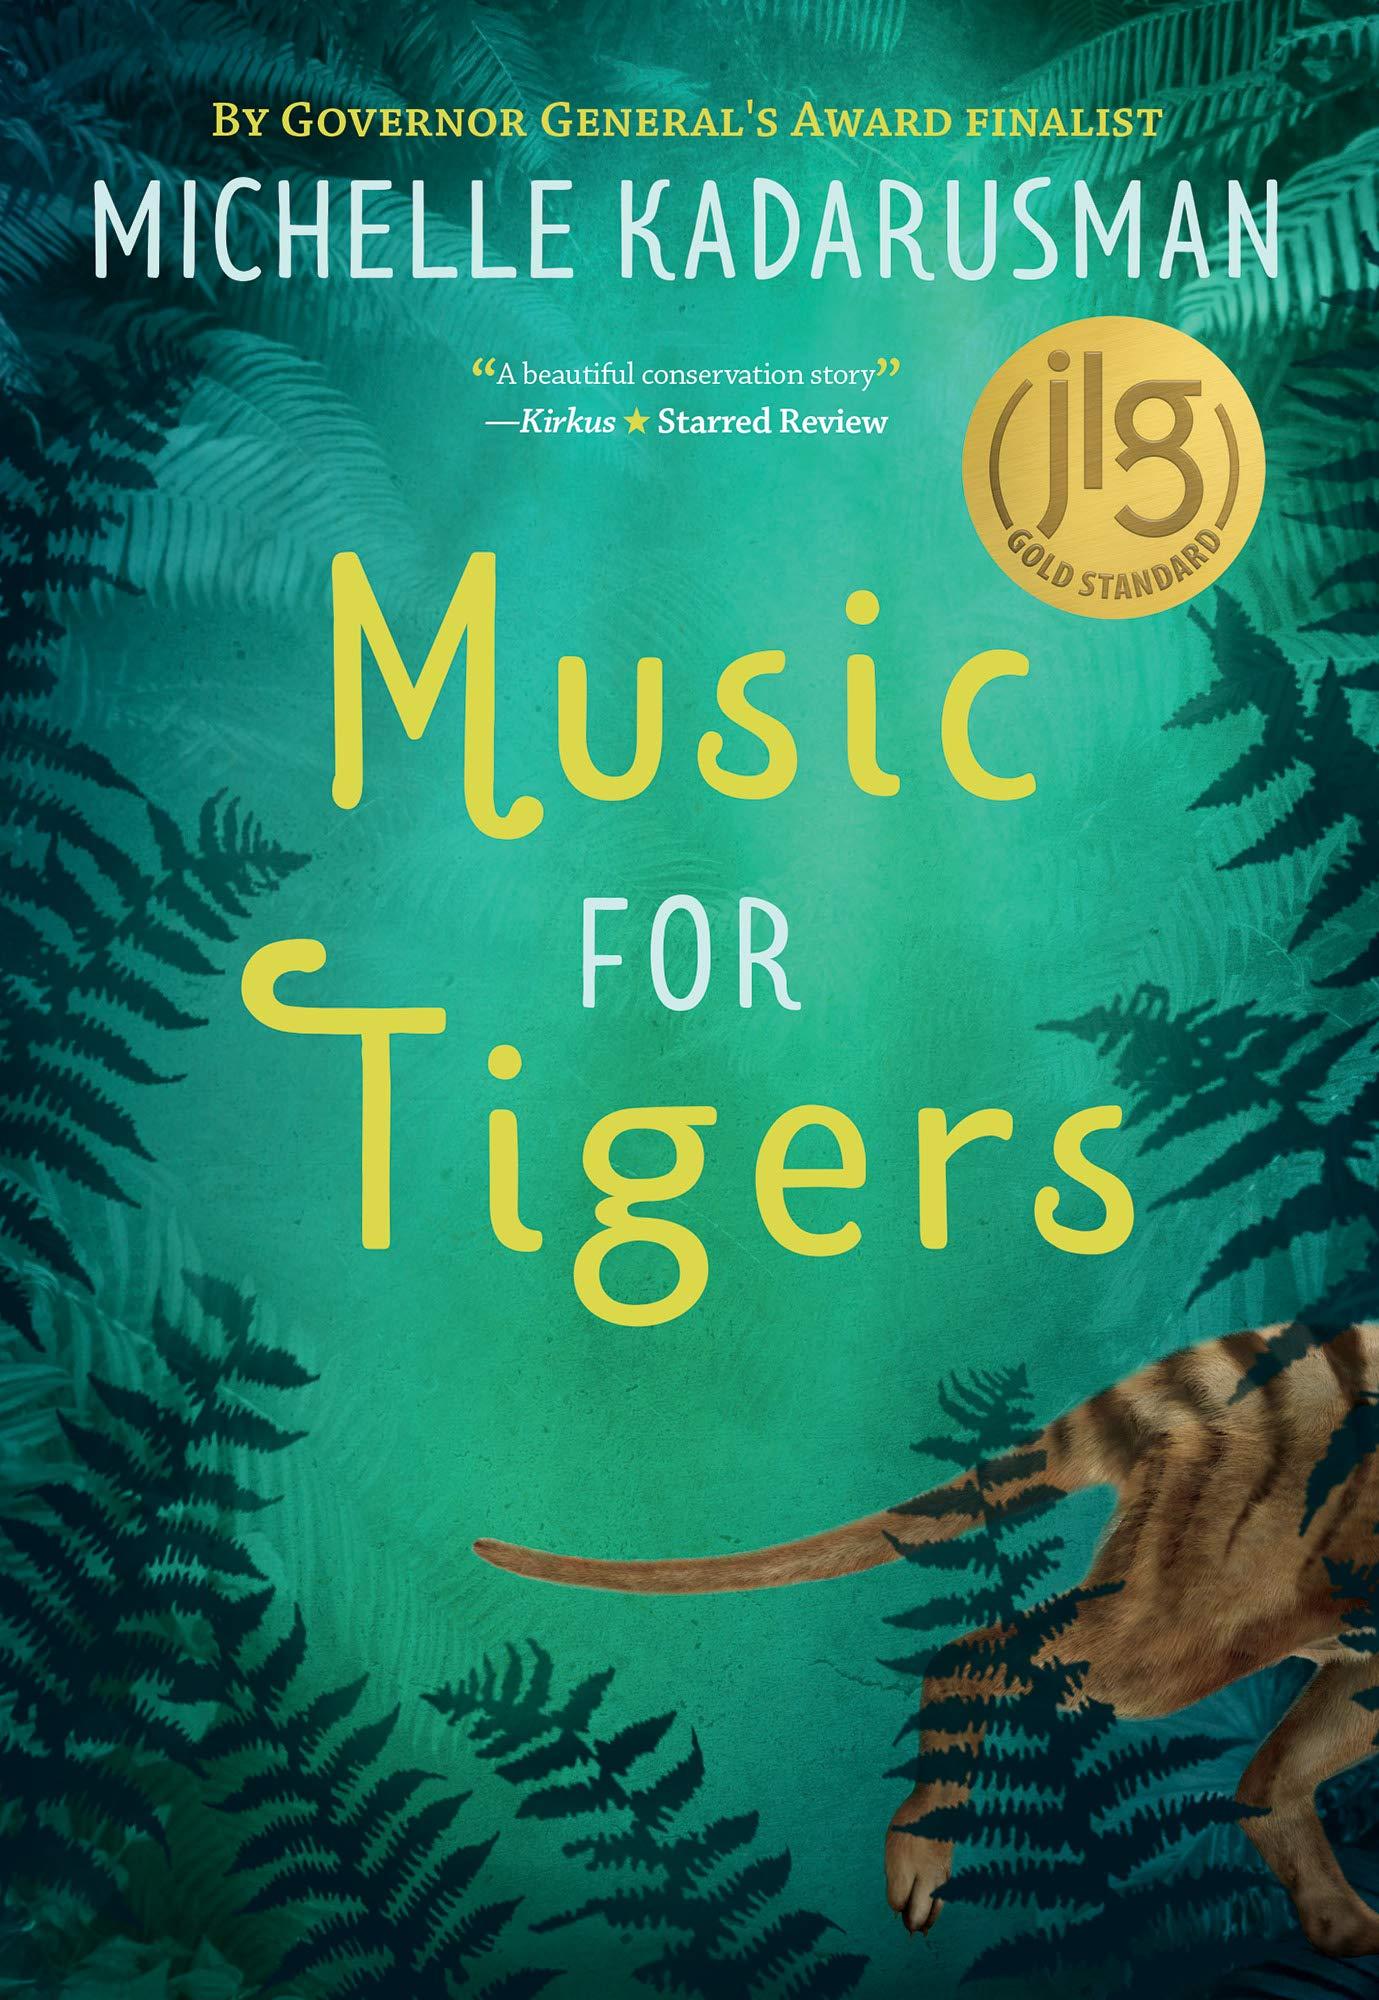 Music for Tigers: Kadarusman, Michelle: 9781772780543: Amazon.com: Books